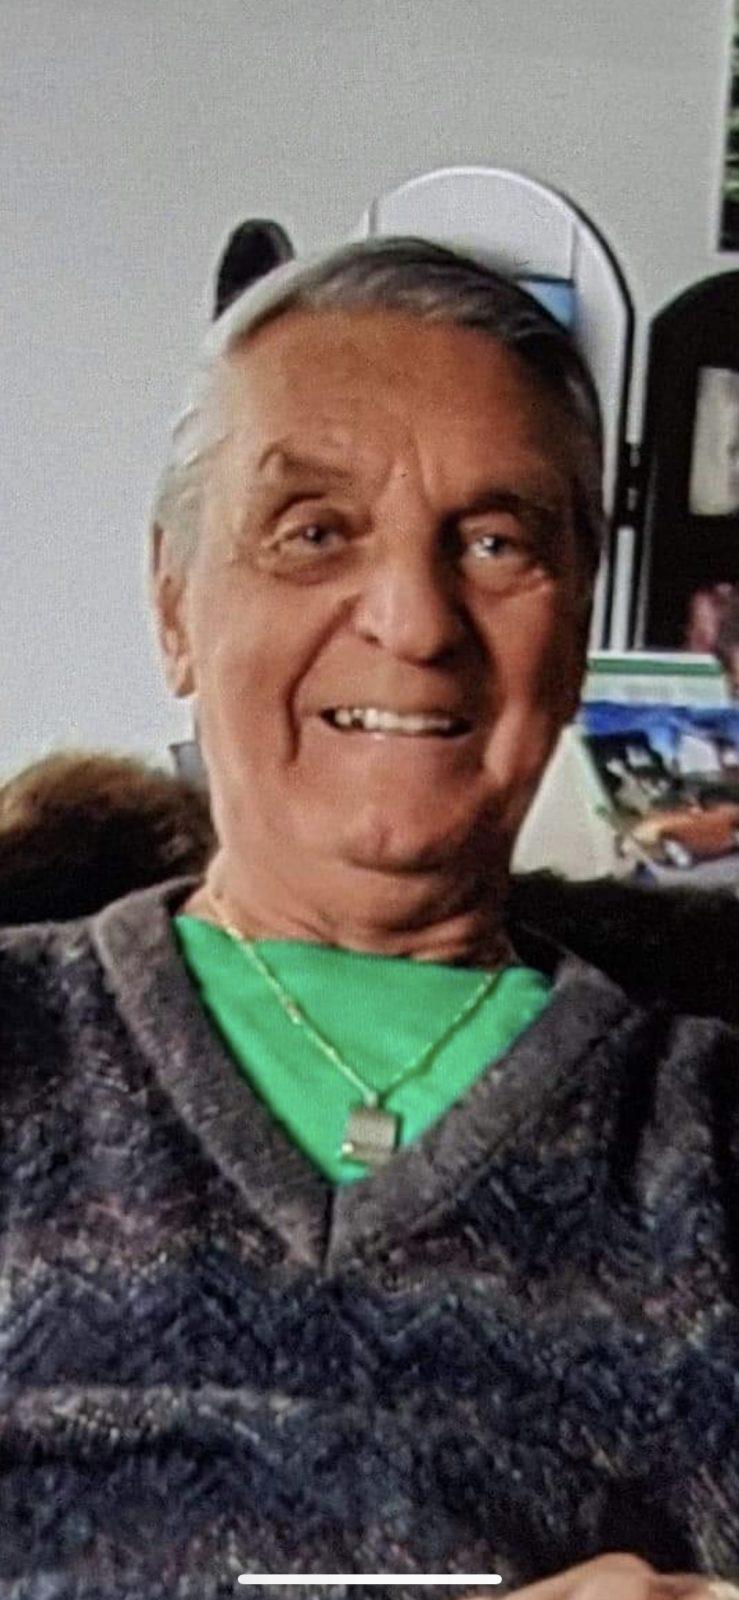 Un homme de 85 ans manque à l'appel